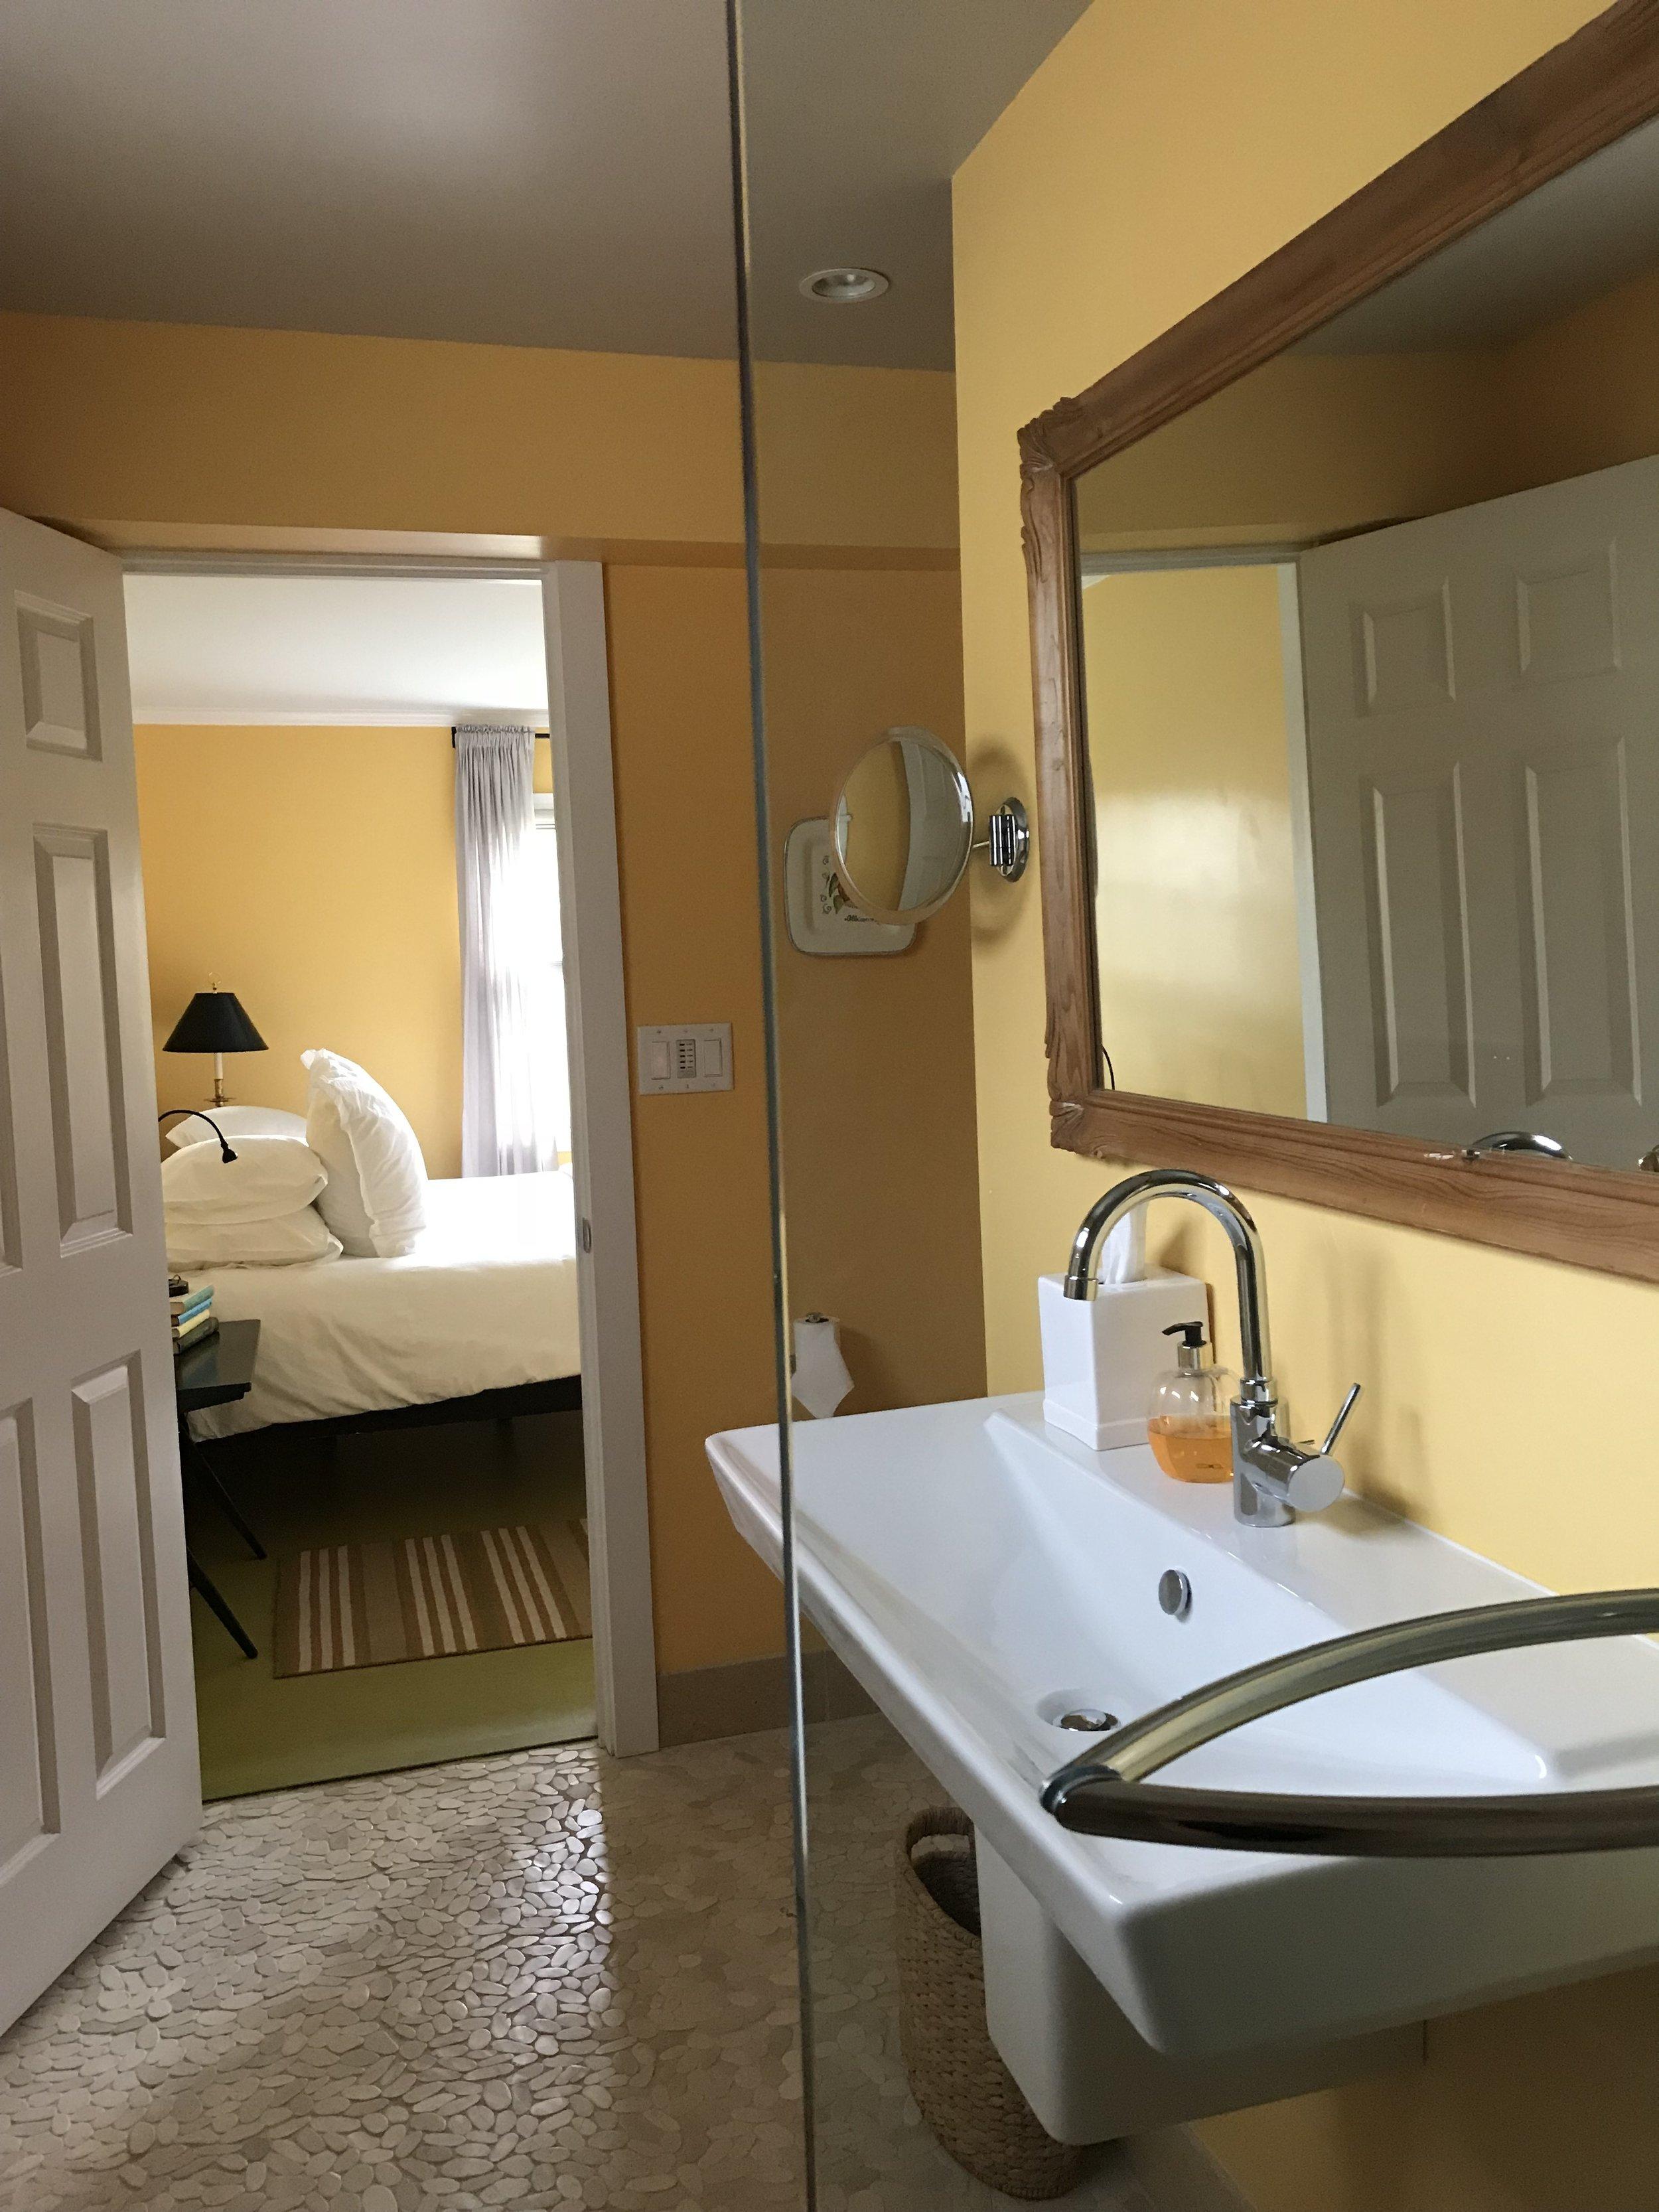 Bathroom from shower no lights.jpg